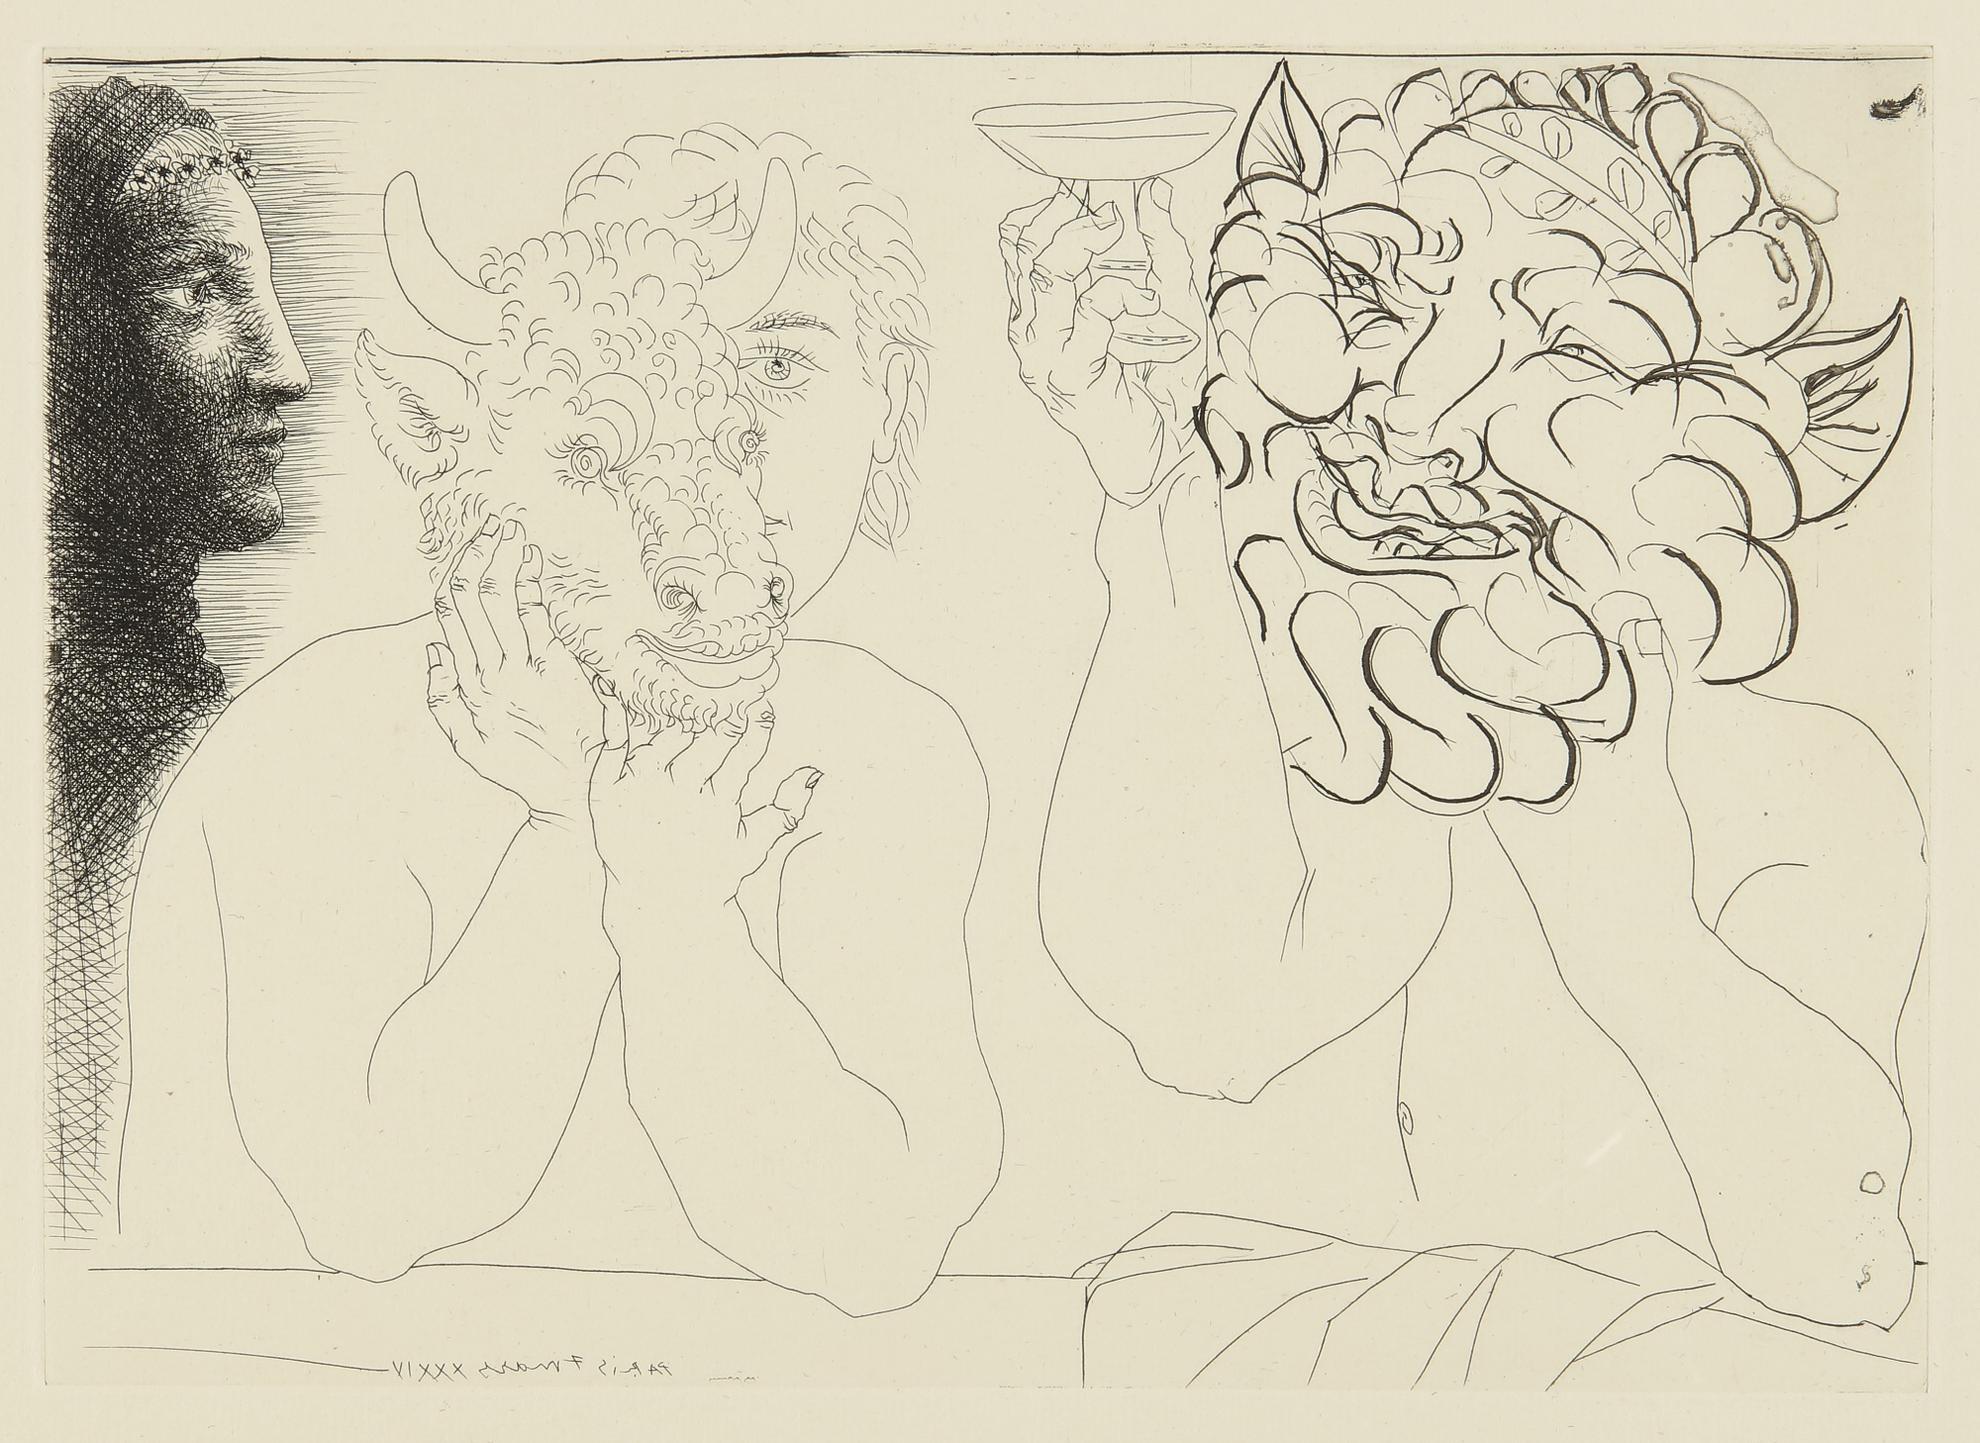 Pablo Picasso-Jeune Homme Au Masque De Taureau, Faune Et Profil De Femme (B. 279; Ba. 422)-1934